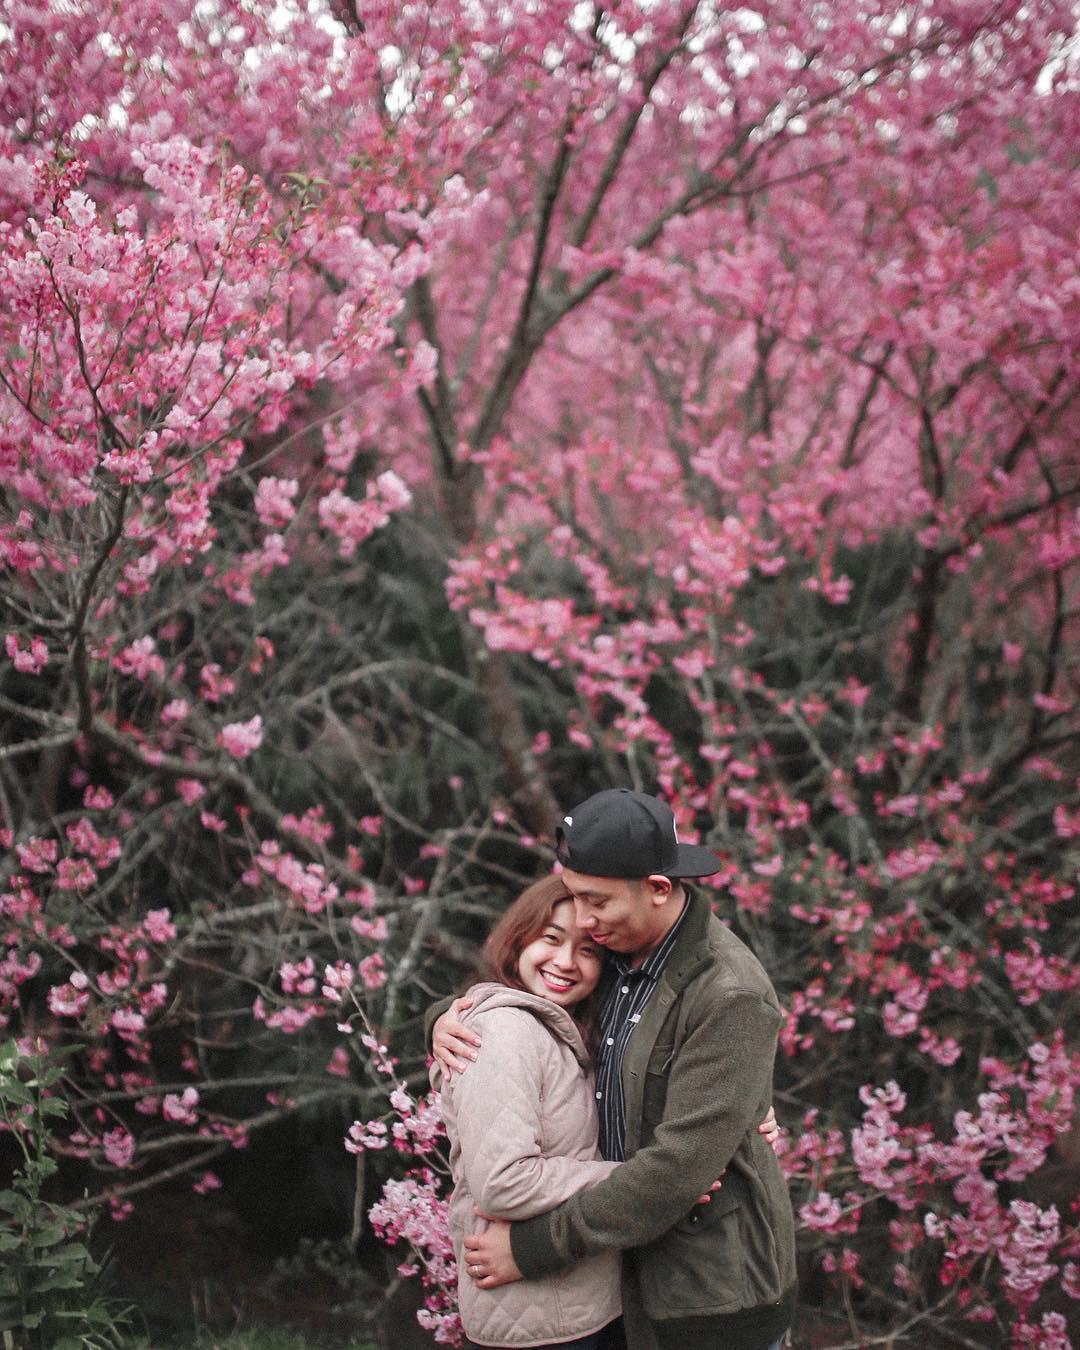 Đài Loan: Hoa anh đào lại nở rợp trời, tạo điều kiện cho trai gái dập dìu chơi xuân - Ảnh 10.